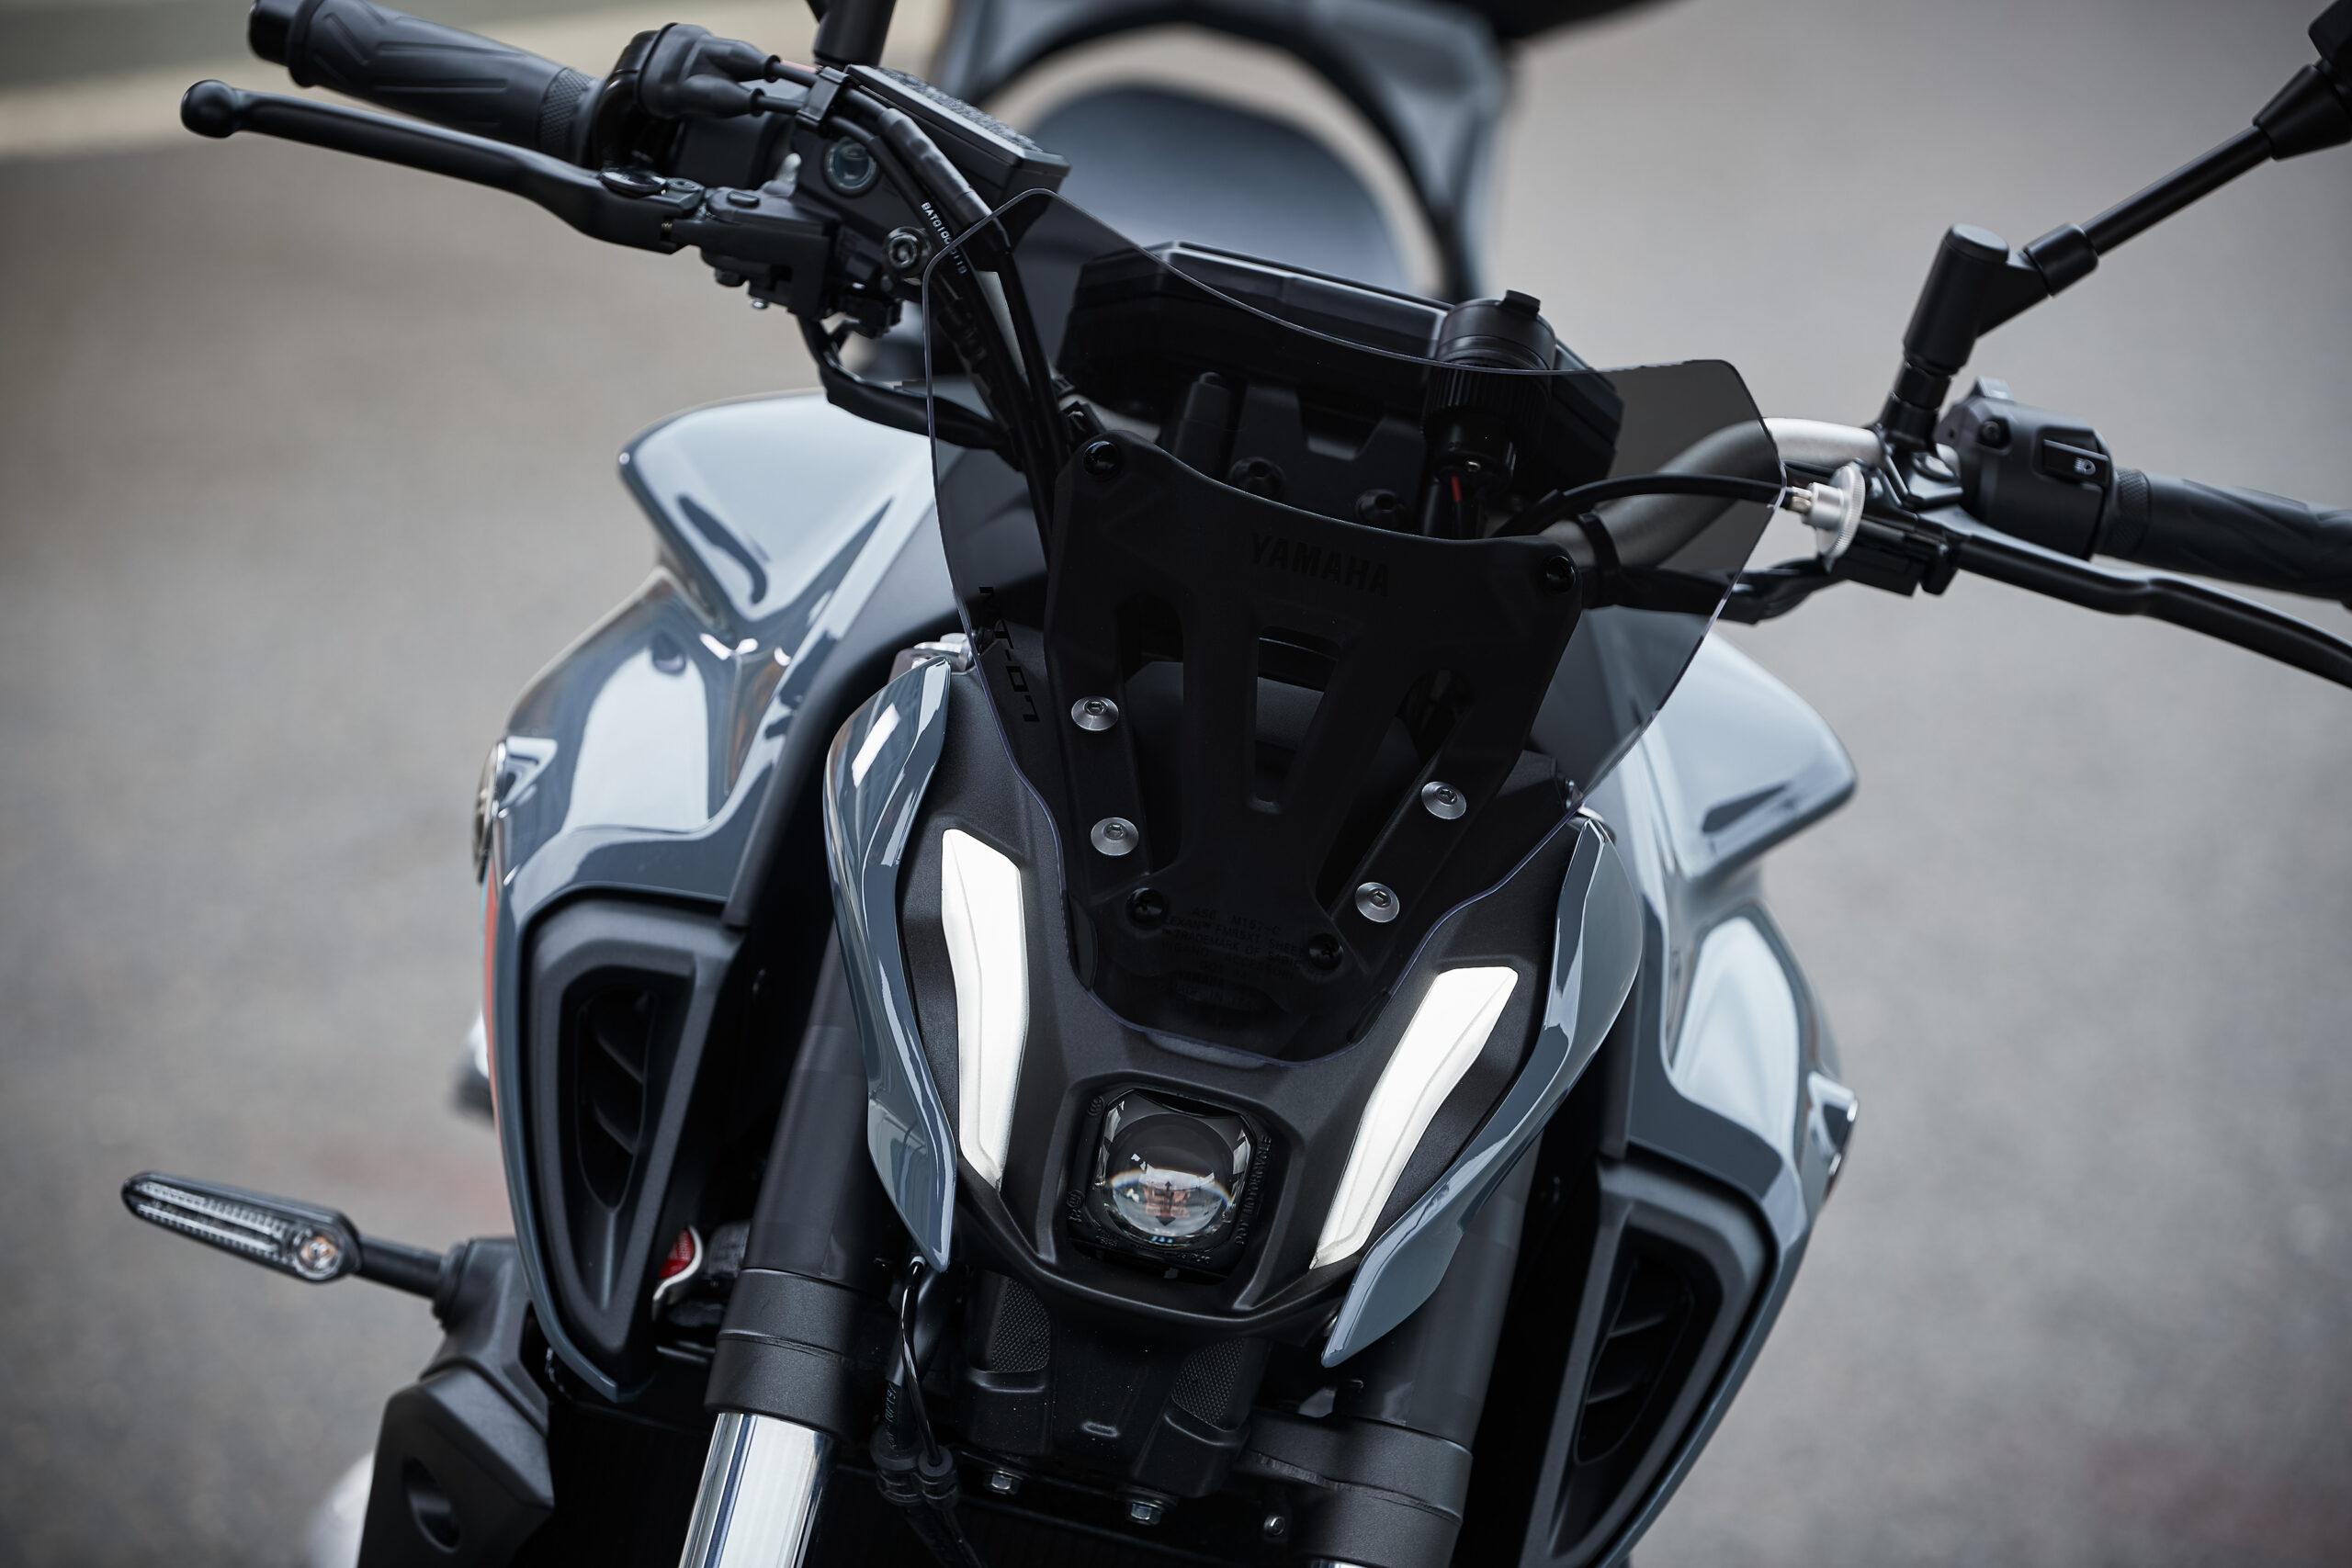 Bild (Fotomontage): Die im Yamaha Originalzubehör erhältliche kurze Windschutzscheibe, ist nur in einer Klarglas-Ausführung erhältlich. Diese lässt sich jedoch einfach mit Folie abdunkeln.